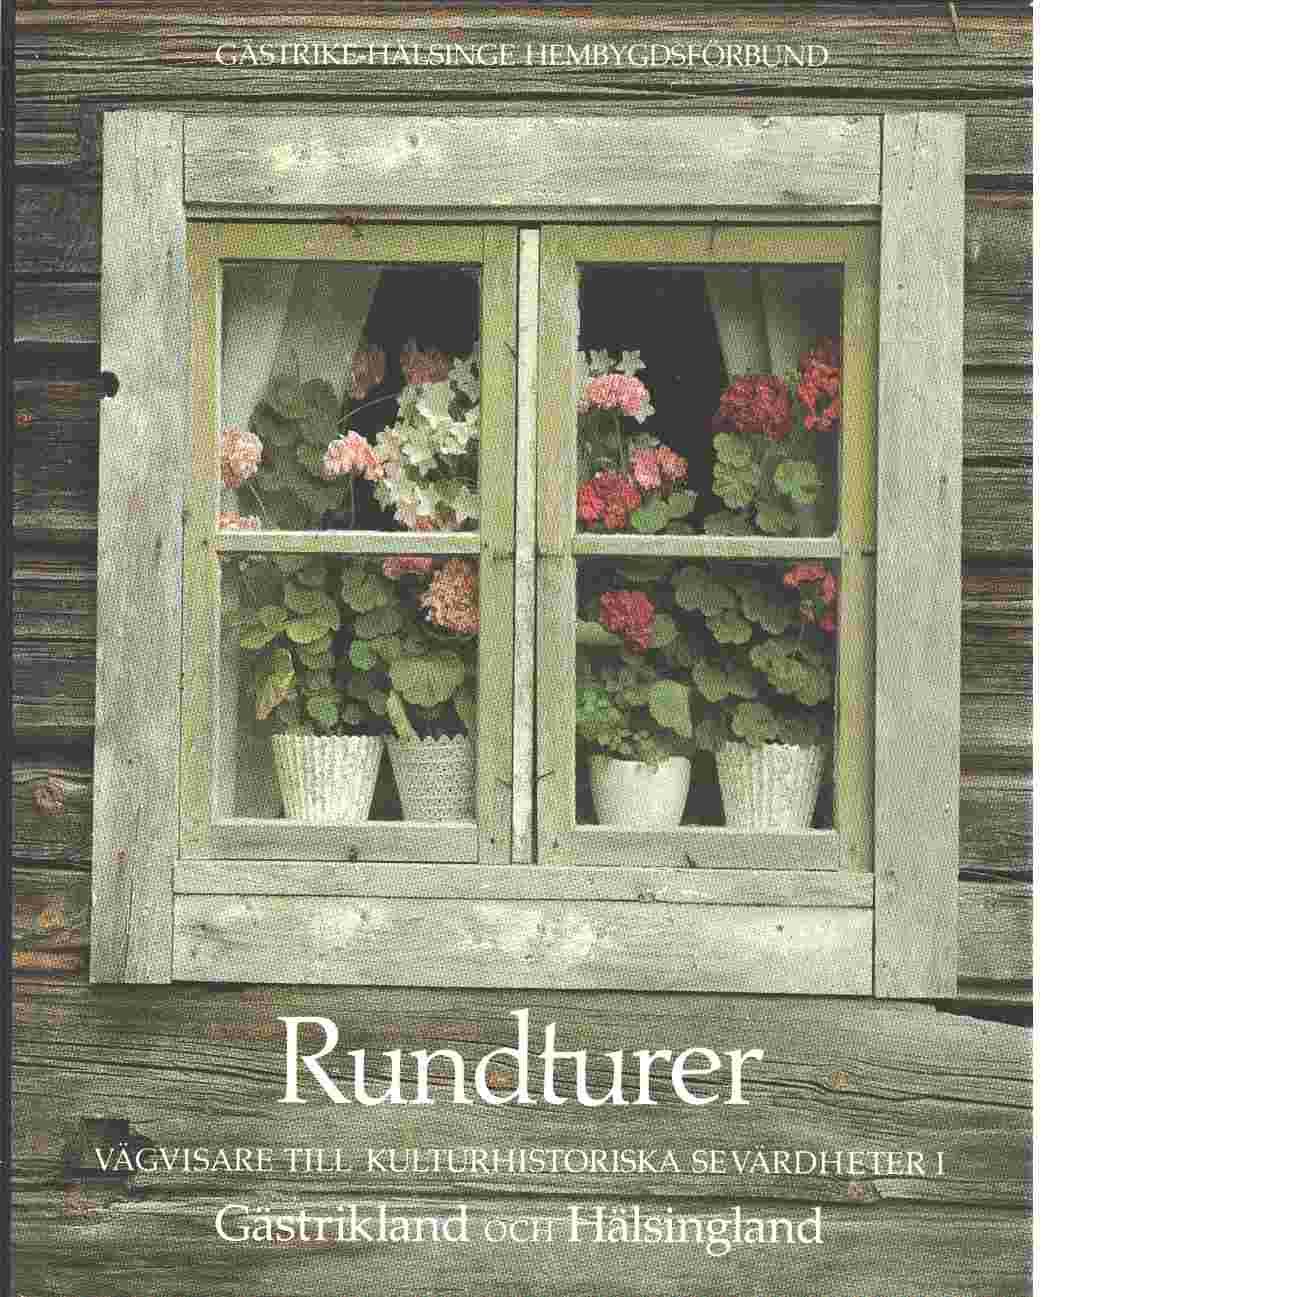 Rundturer . vägvisare till kulturhistoriska sevärdheter i Gästrikland och Hälsingland - Sundberg, Margaretha och Kellgren, Ola  och  Wannberg, Elisabeth  samt   Nilsson, Kjell